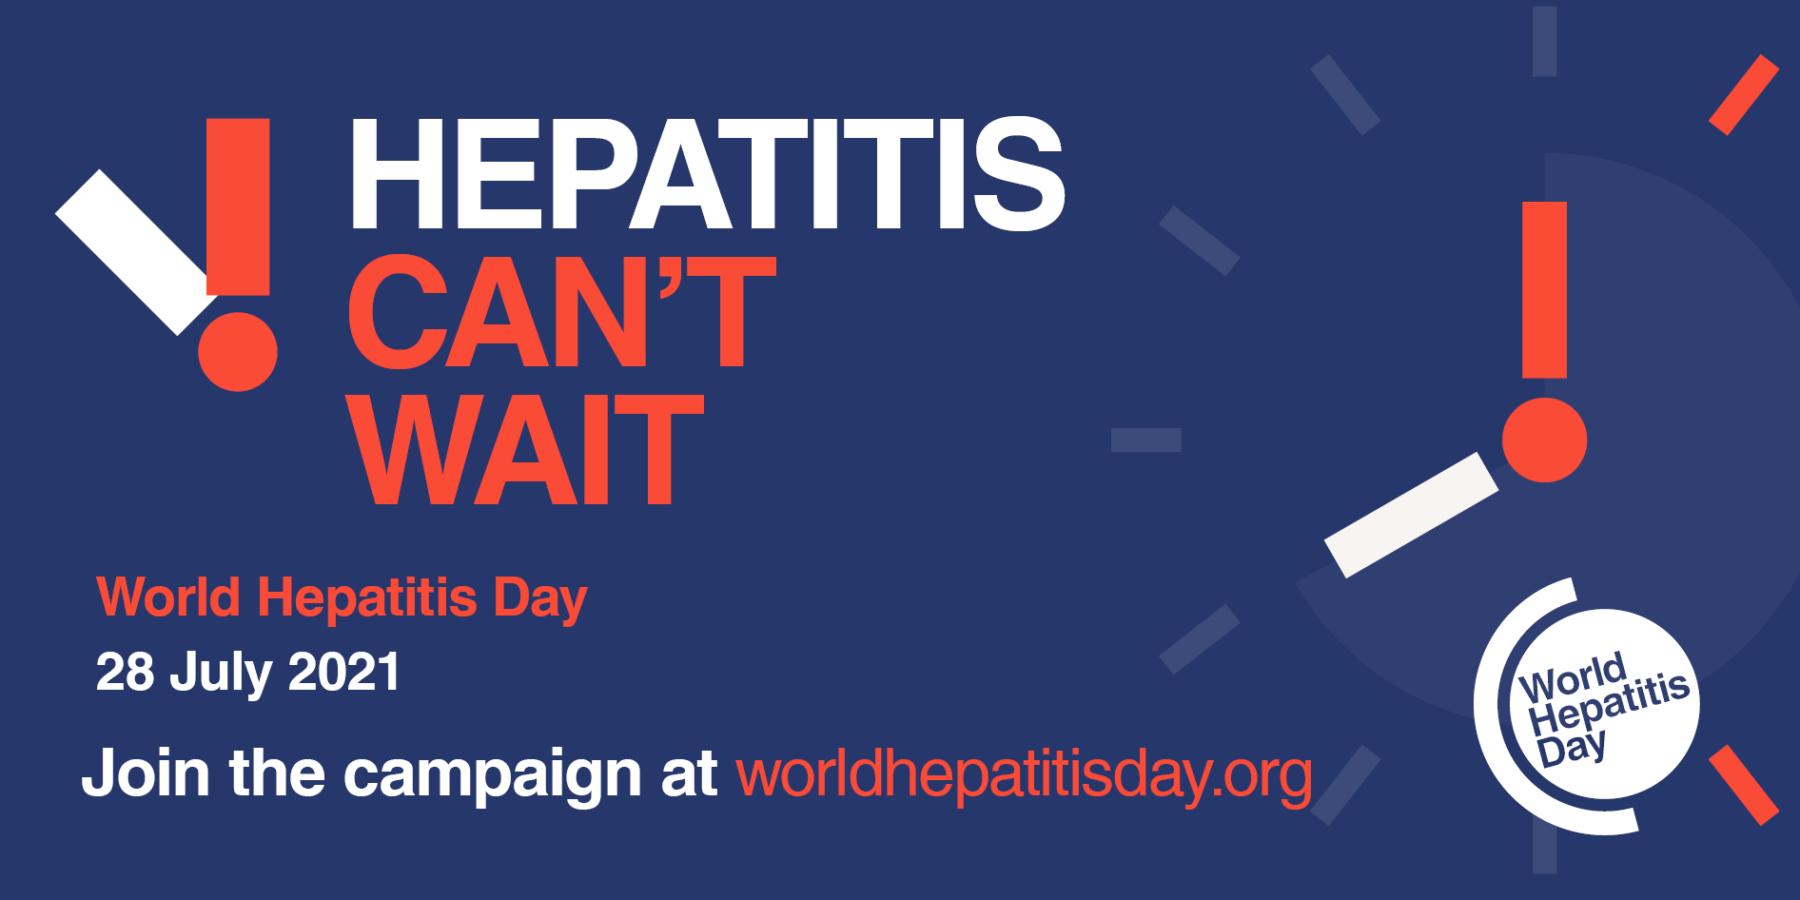 Epatite: debellare la pericolosa infezione virale è possibile